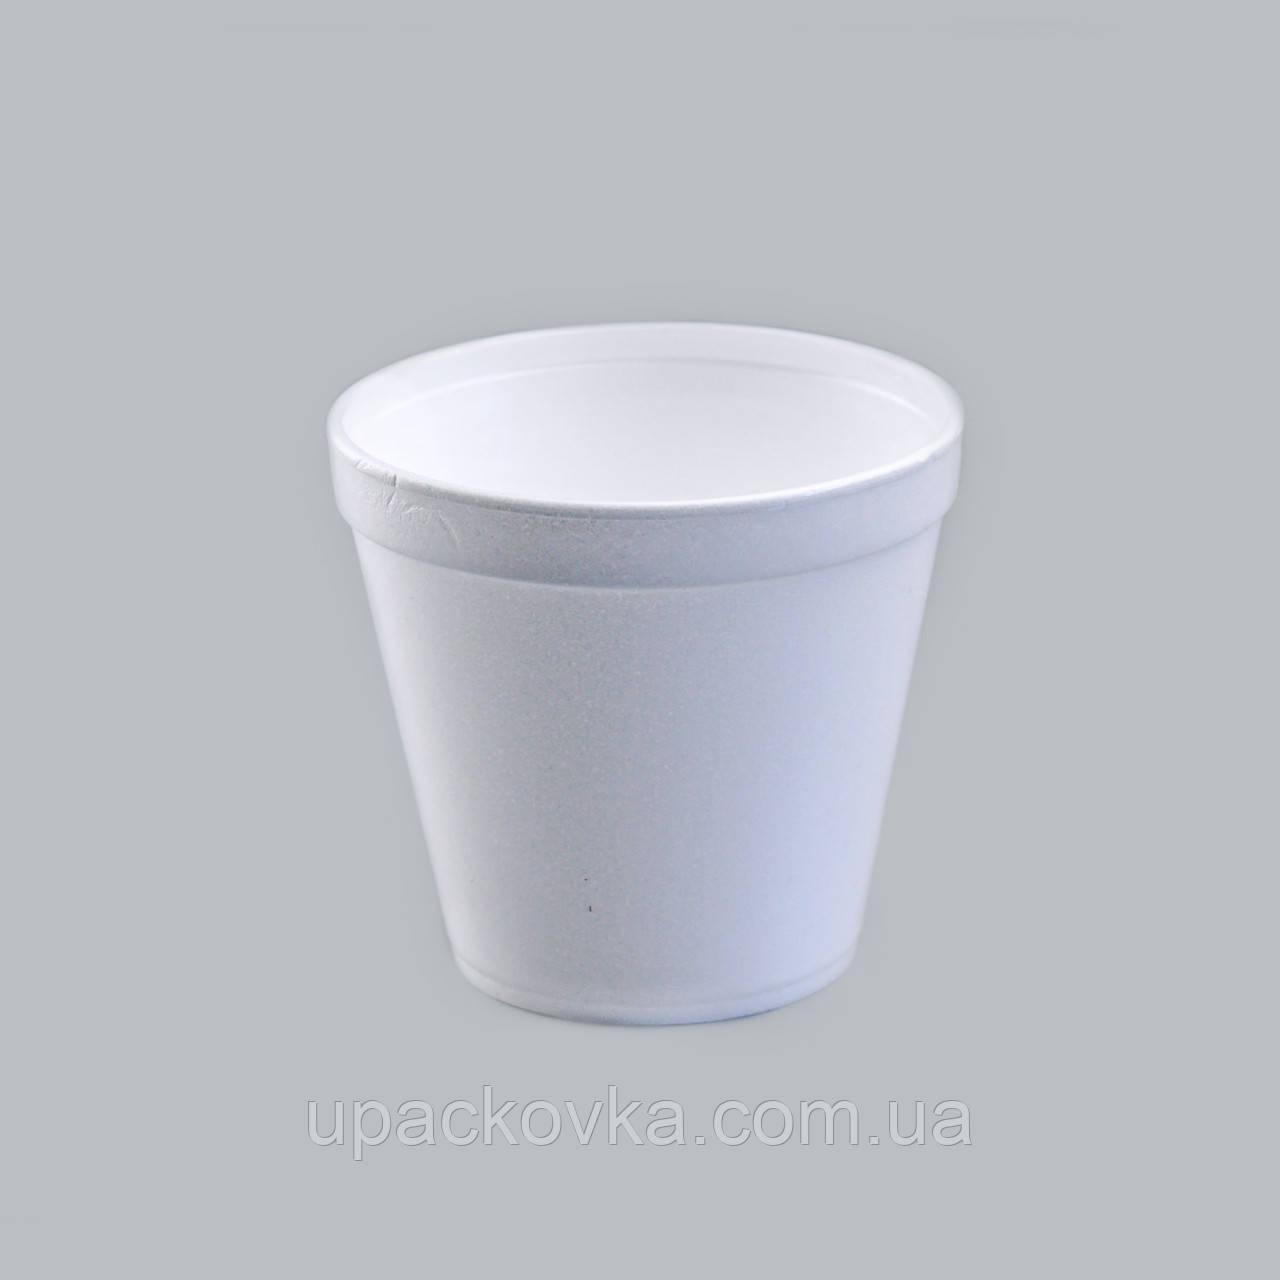 Копия Емкость супная из вспененного полистирола с крышкой, 690 мл